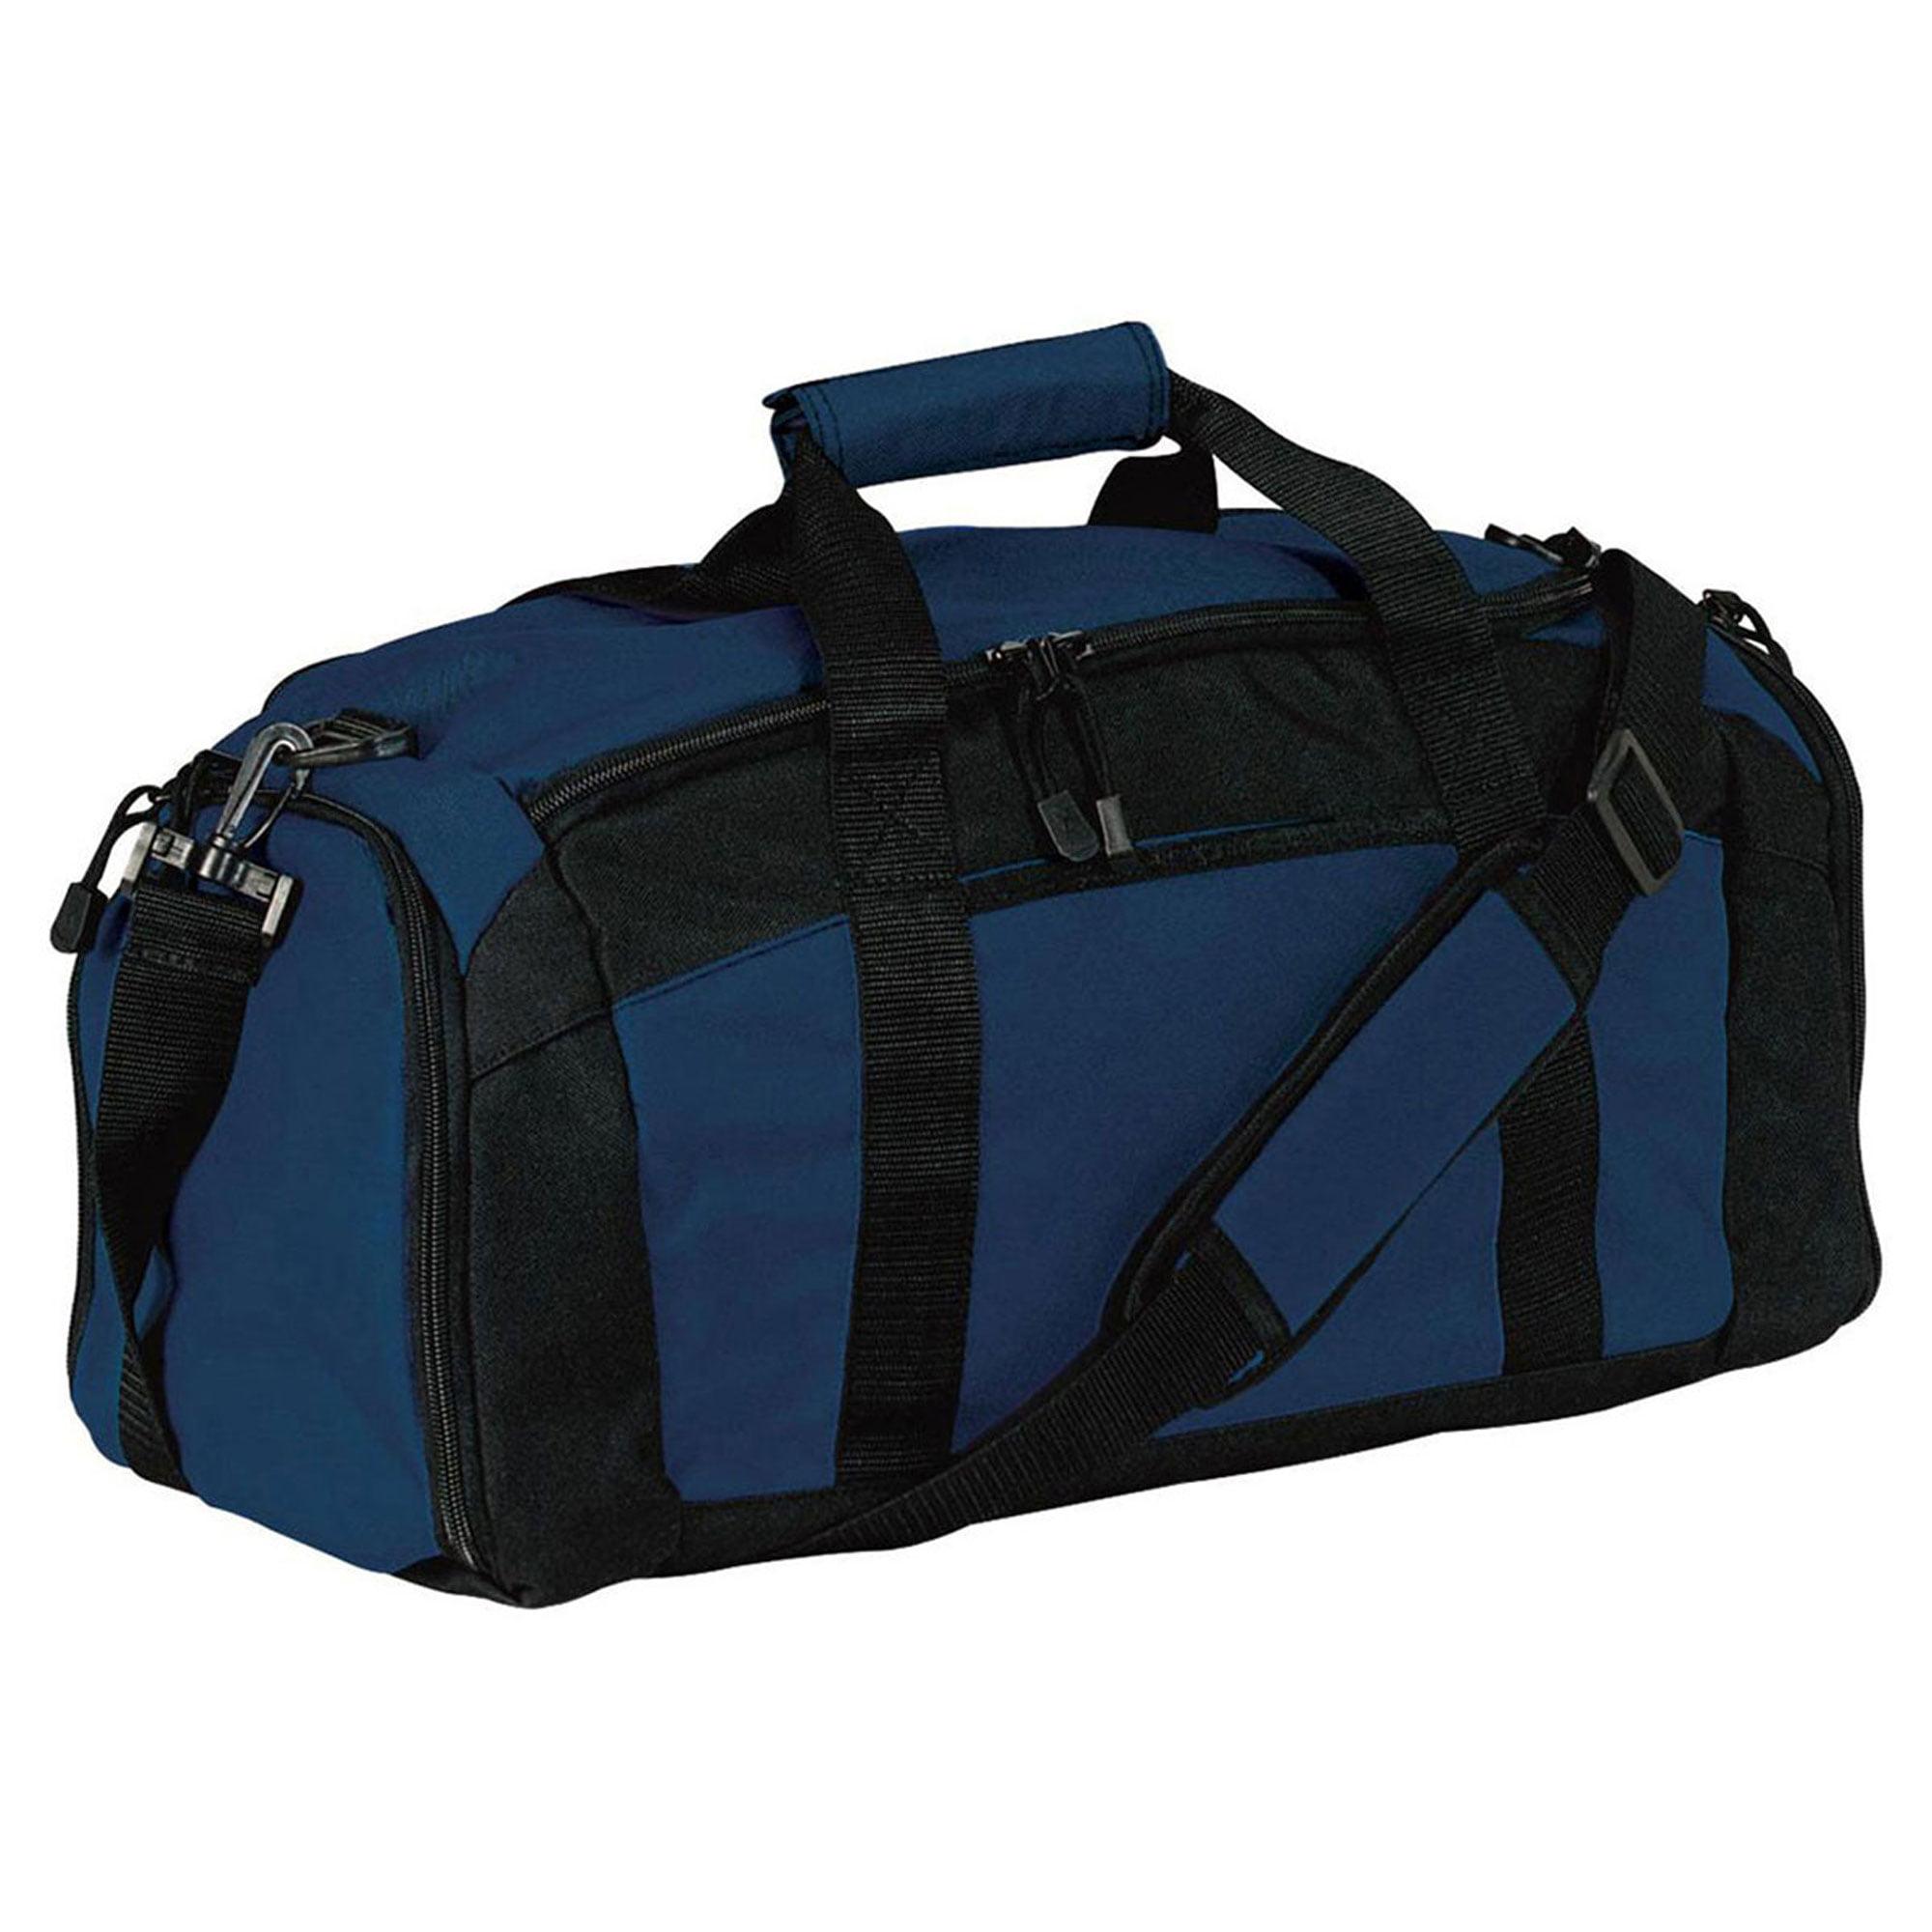 Gym Bag Walmart: Port & Company Zippered Pocket Shoulder Strap Gym Bag